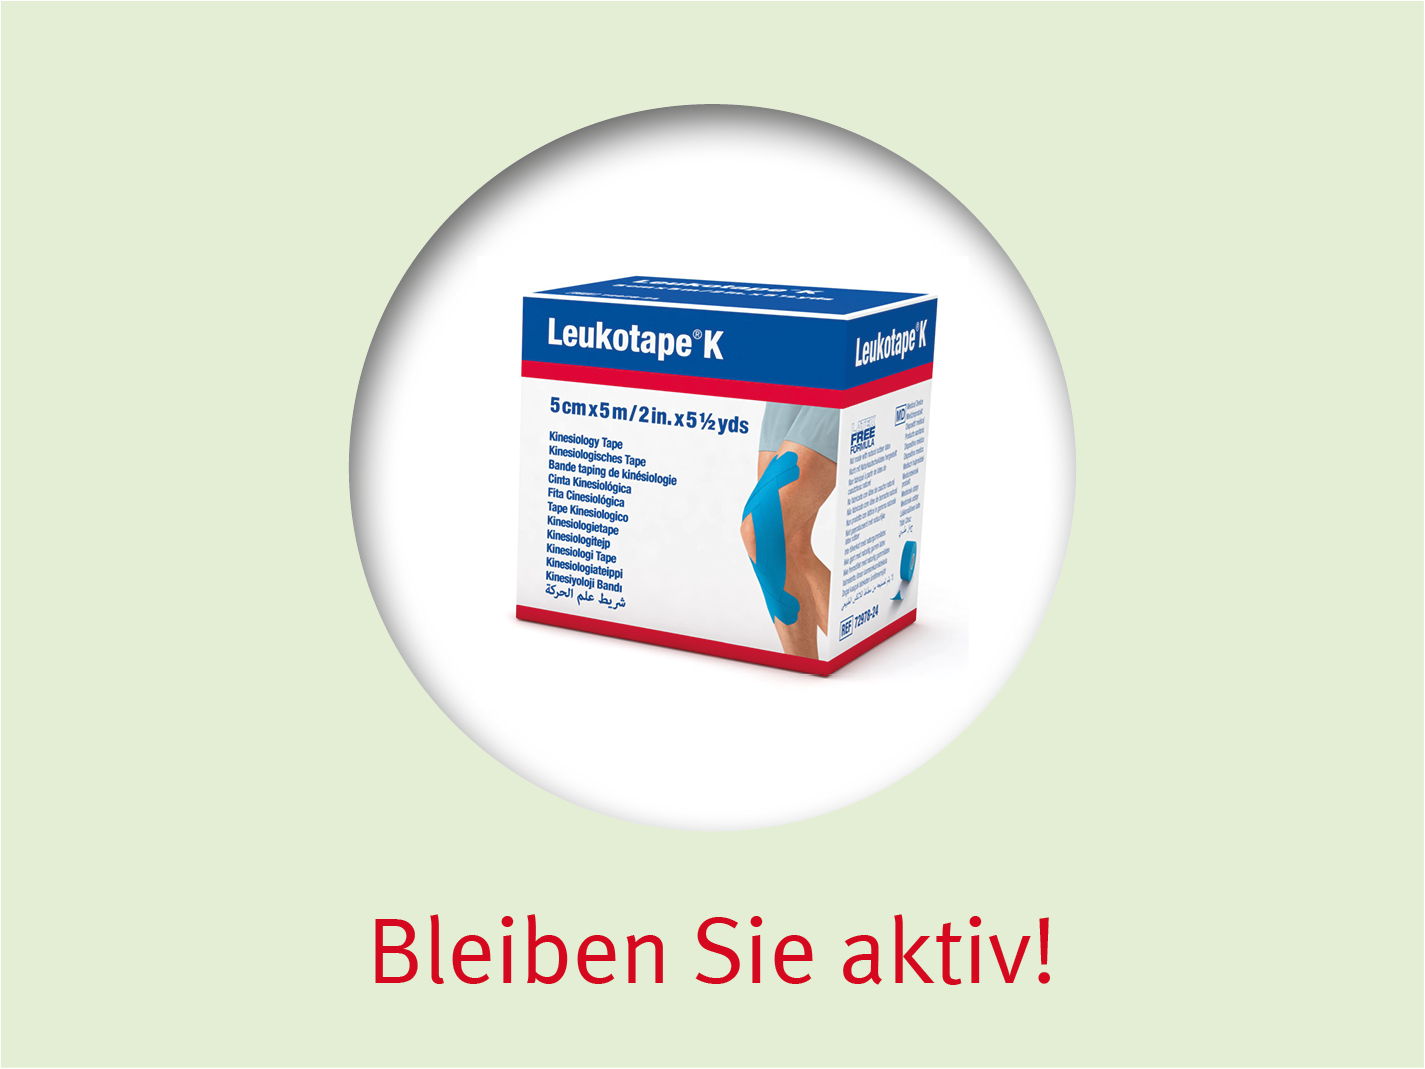 leukotape_teaserbox_0.jpg